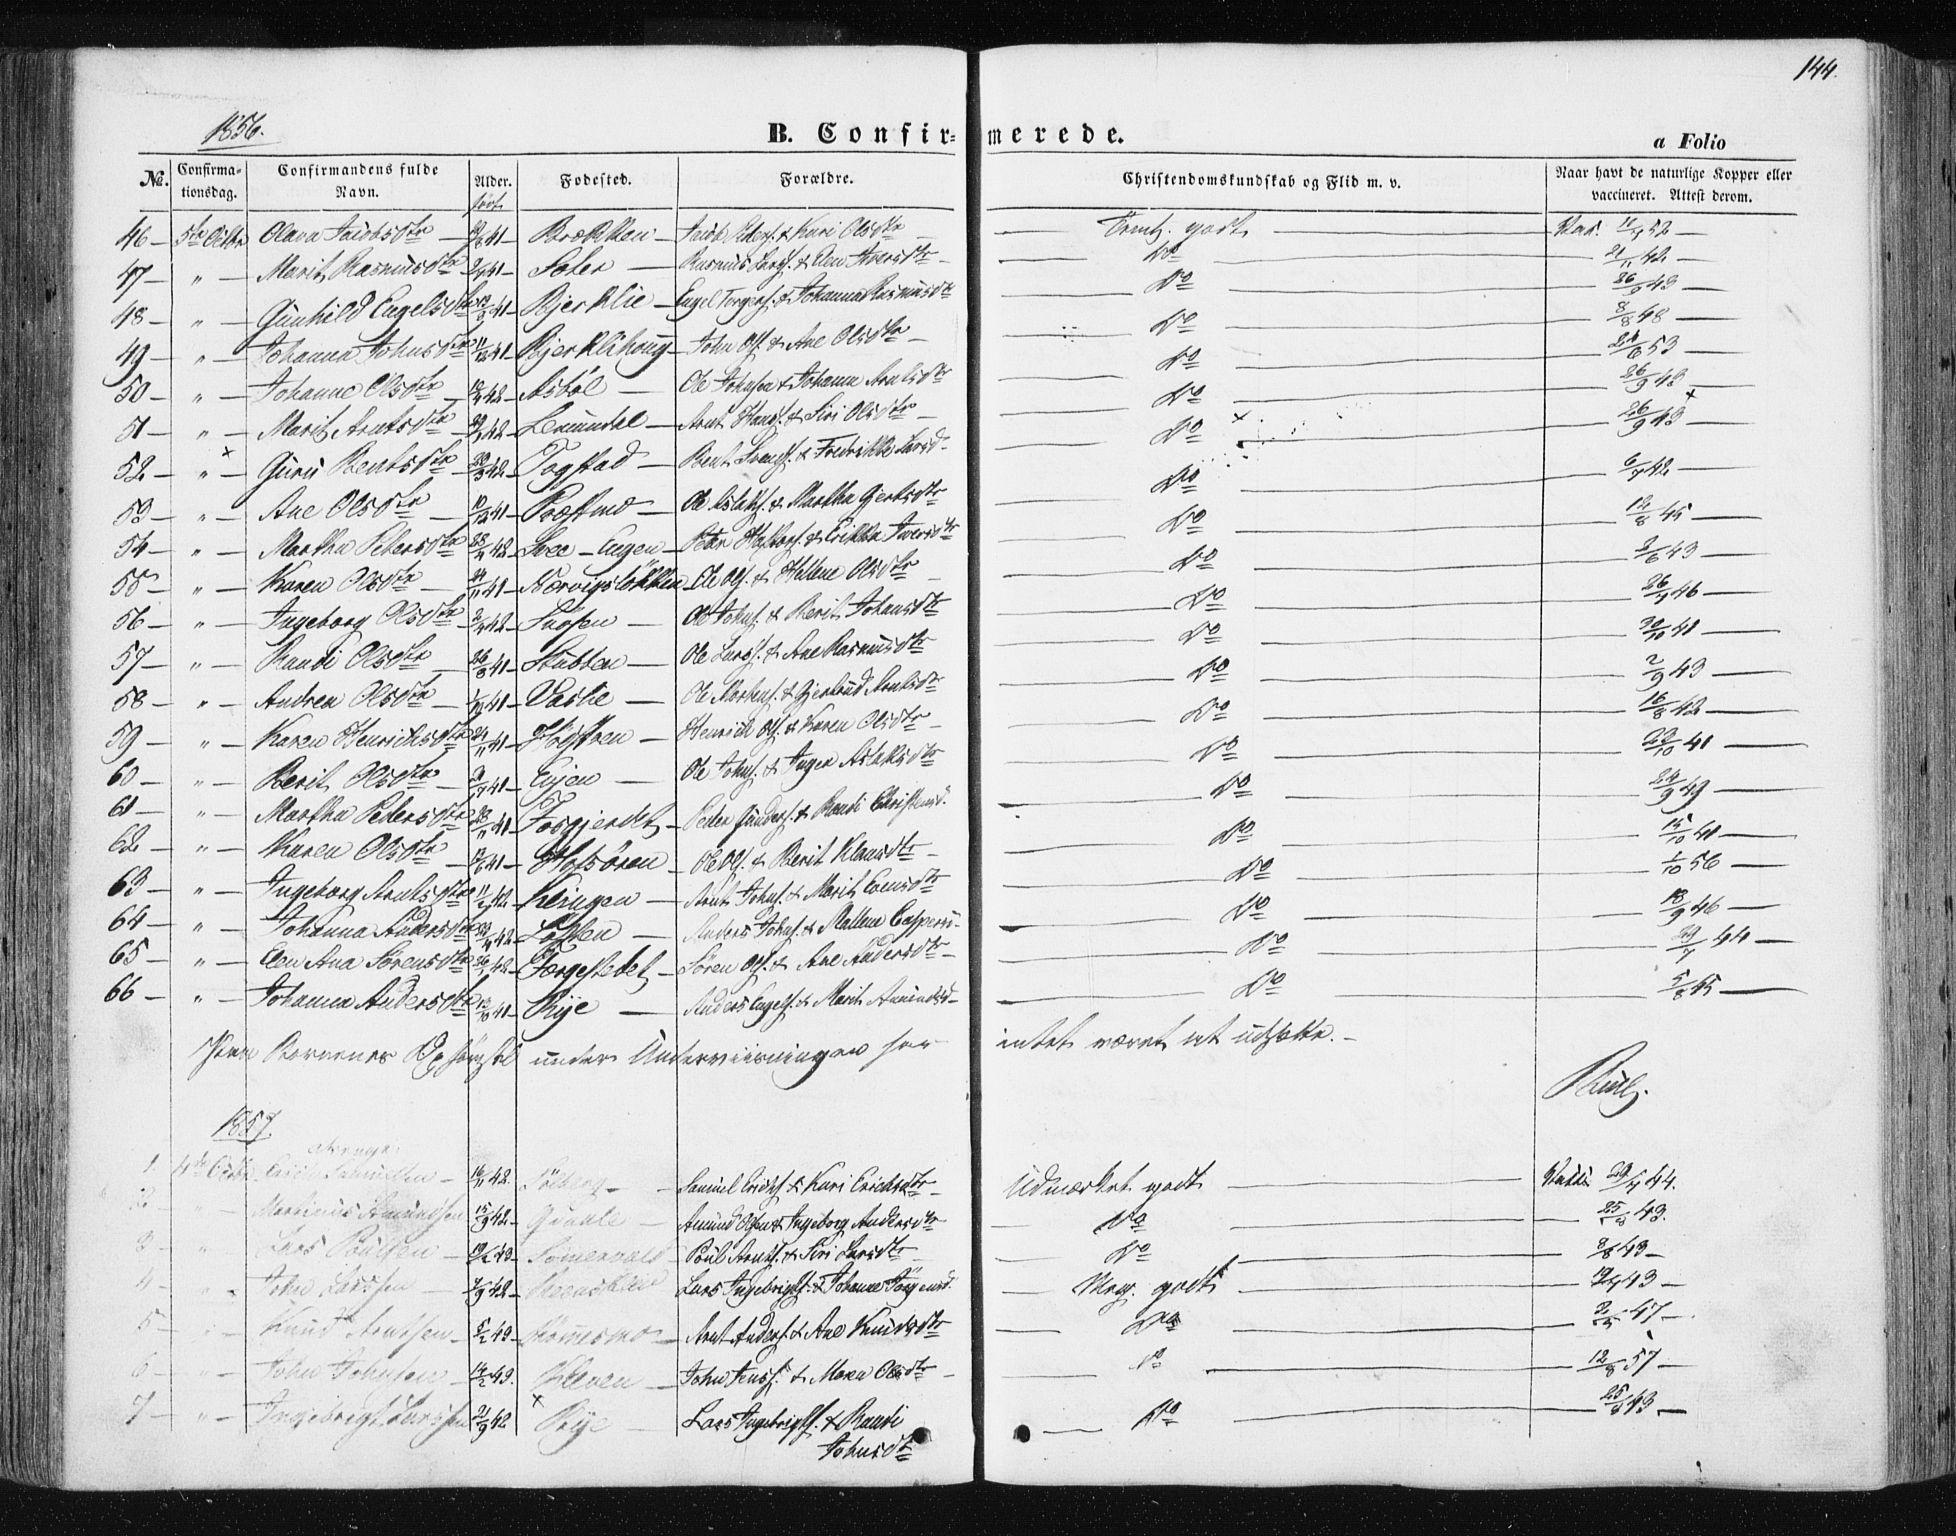 SAT, Ministerialprotokoller, klokkerbøker og fødselsregistre - Sør-Trøndelag, 668/L0806: Ministerialbok nr. 668A06, 1854-1869, s. 144